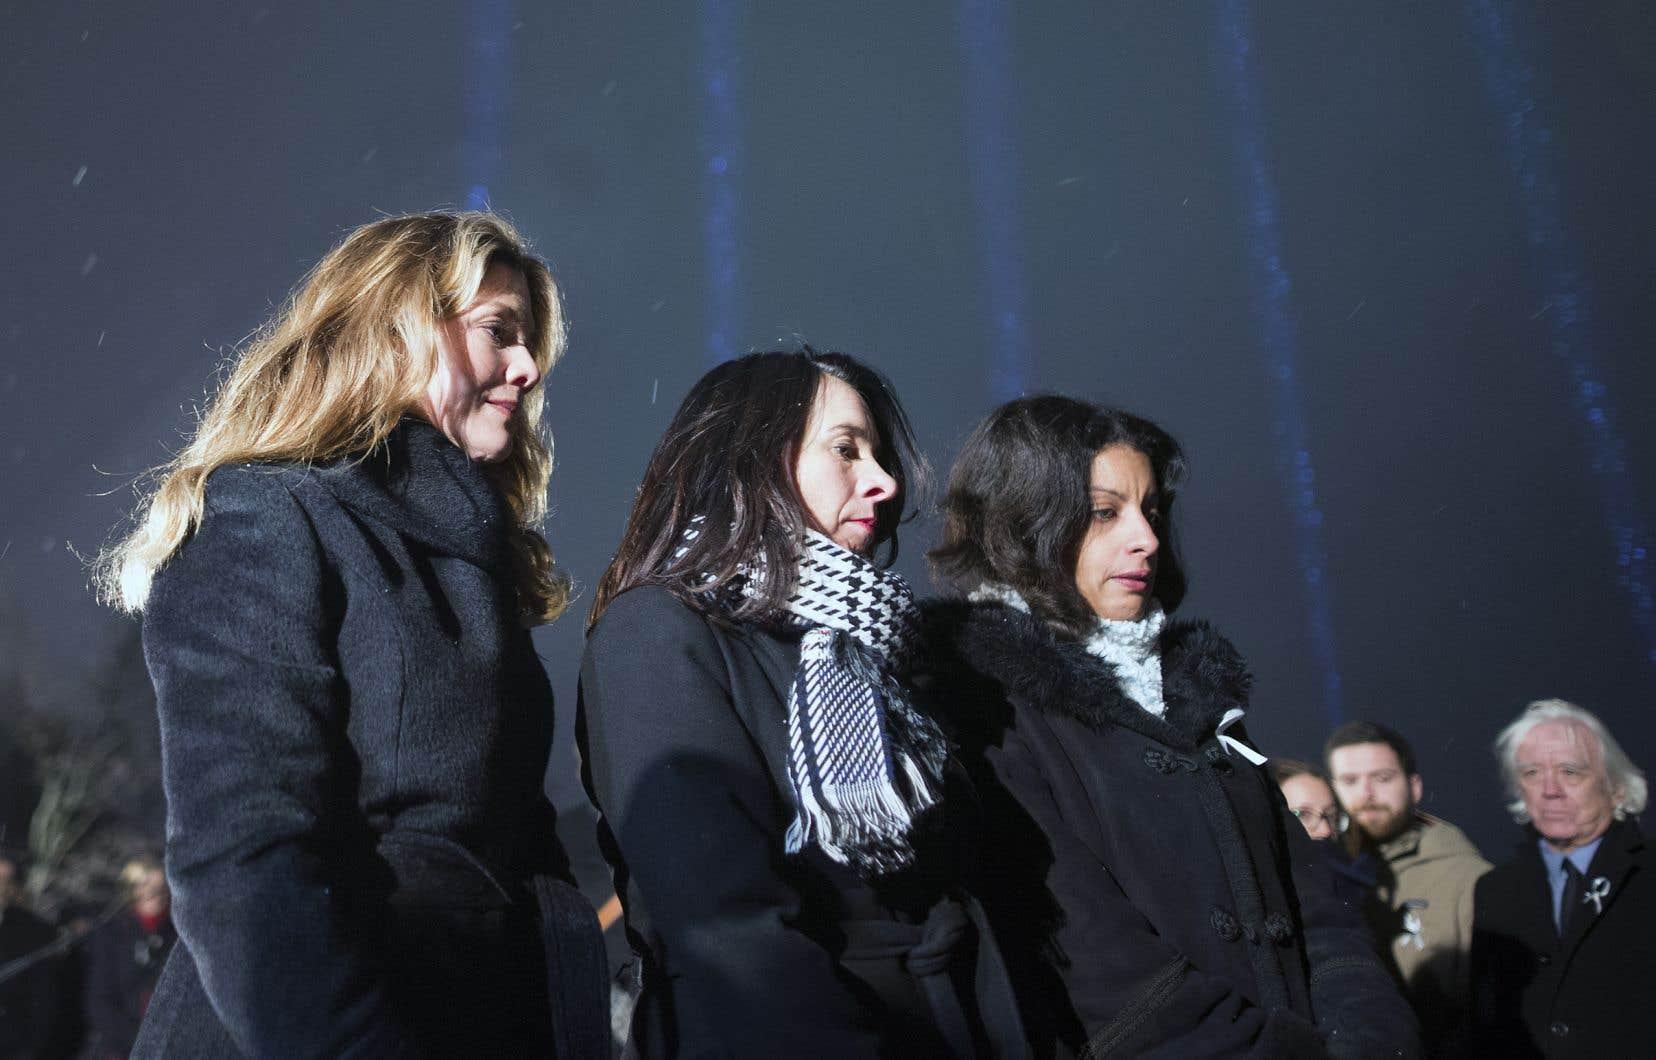 L'épouse du premier ministre Justin Trudeau, Sophie Grégoire, la mairesse de Montréal, Valérie Plante, etla vice-première ministre du Québec, Dominique Anglade, ont participé à la soirée commémorative.